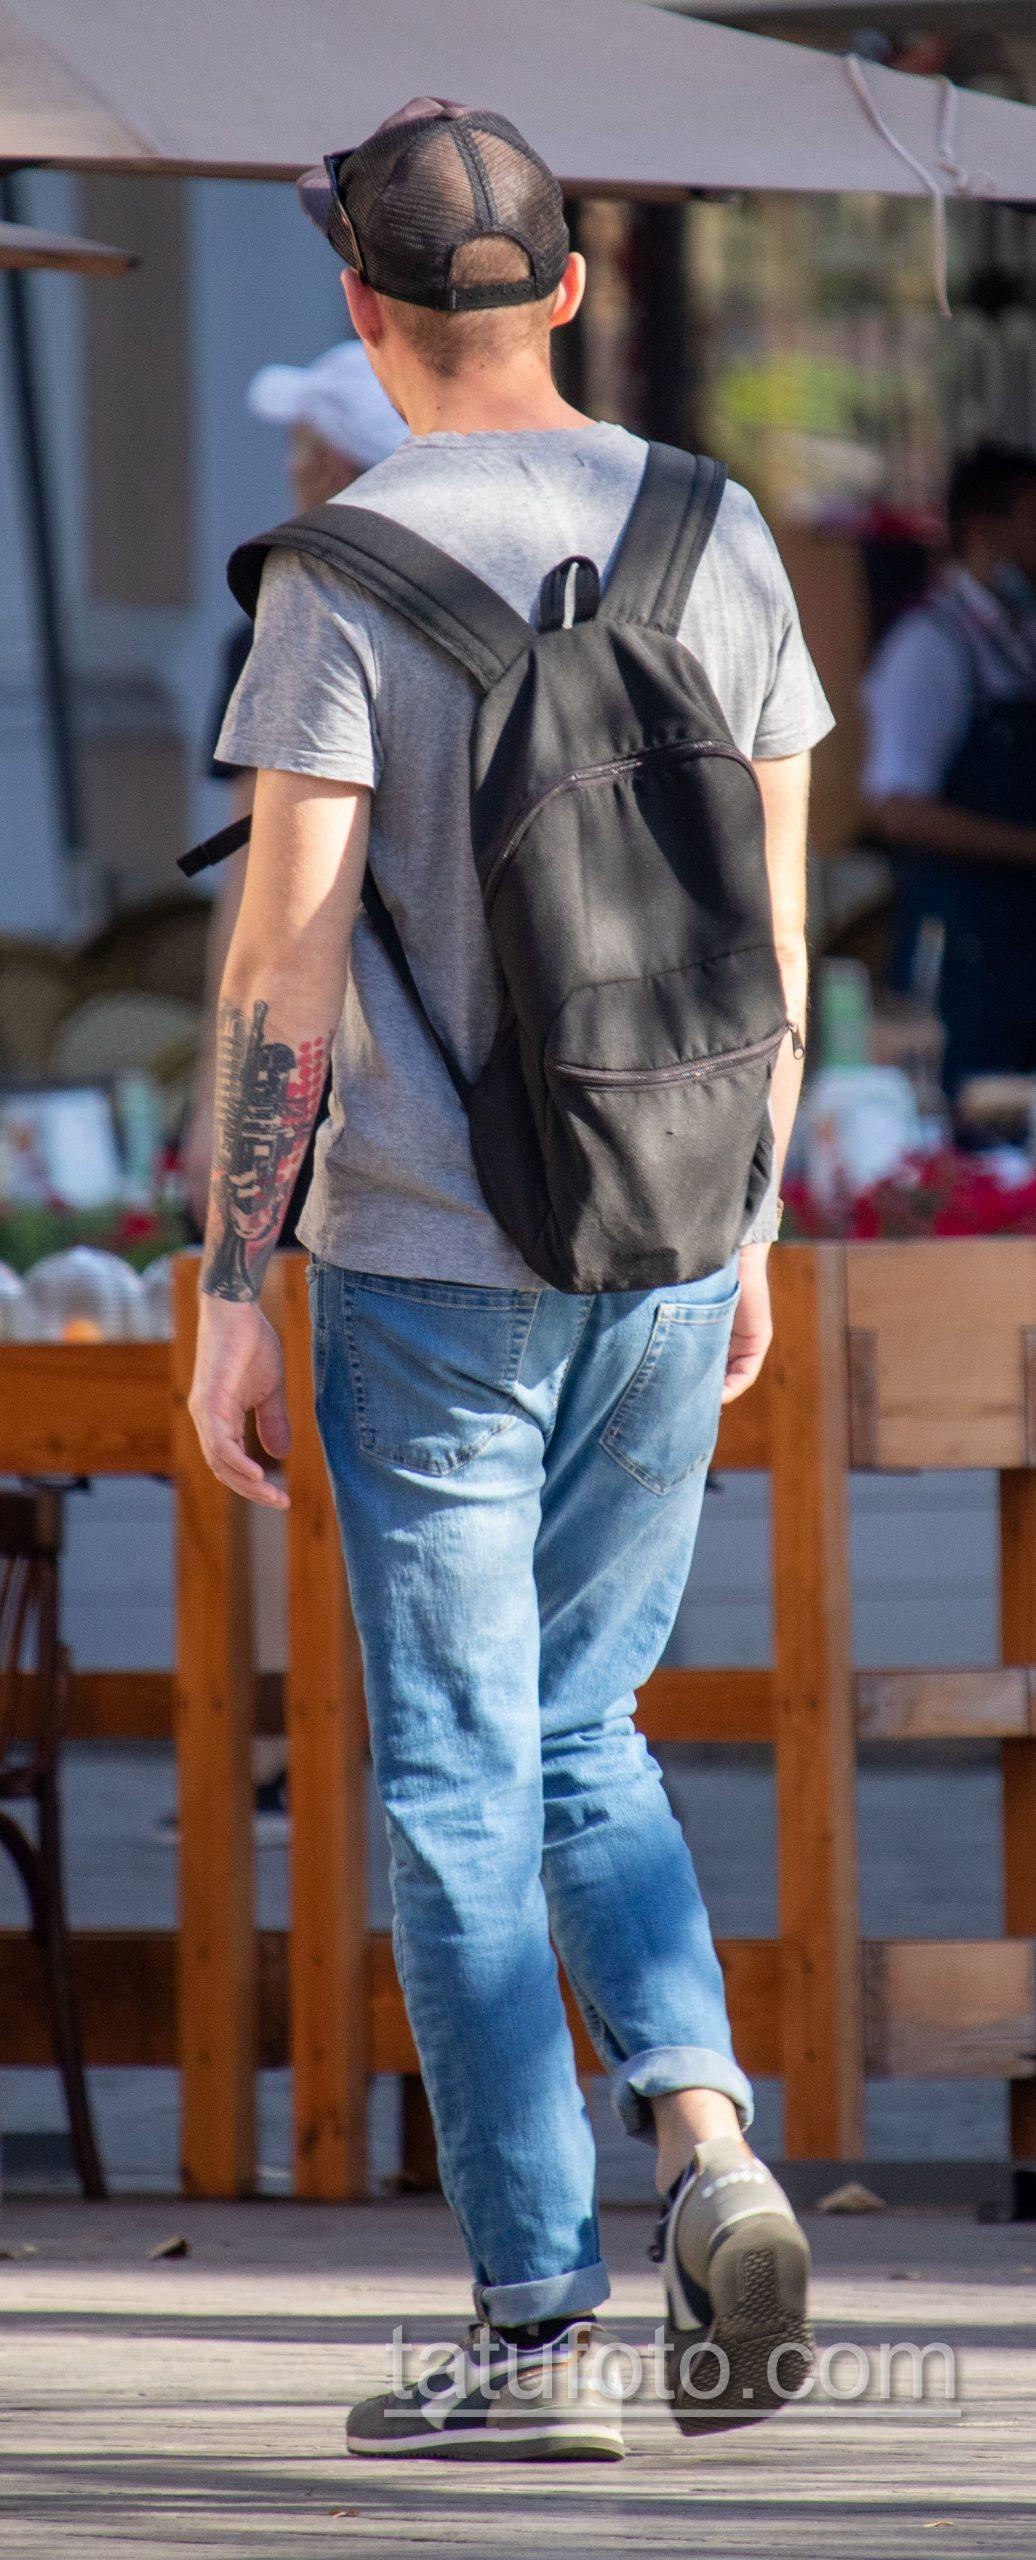 Черно-красная музыкальная тату с трубой и микрофоном на правой руке парня - Уличная татуировка 14.09.2020 – tatufoto.com 8